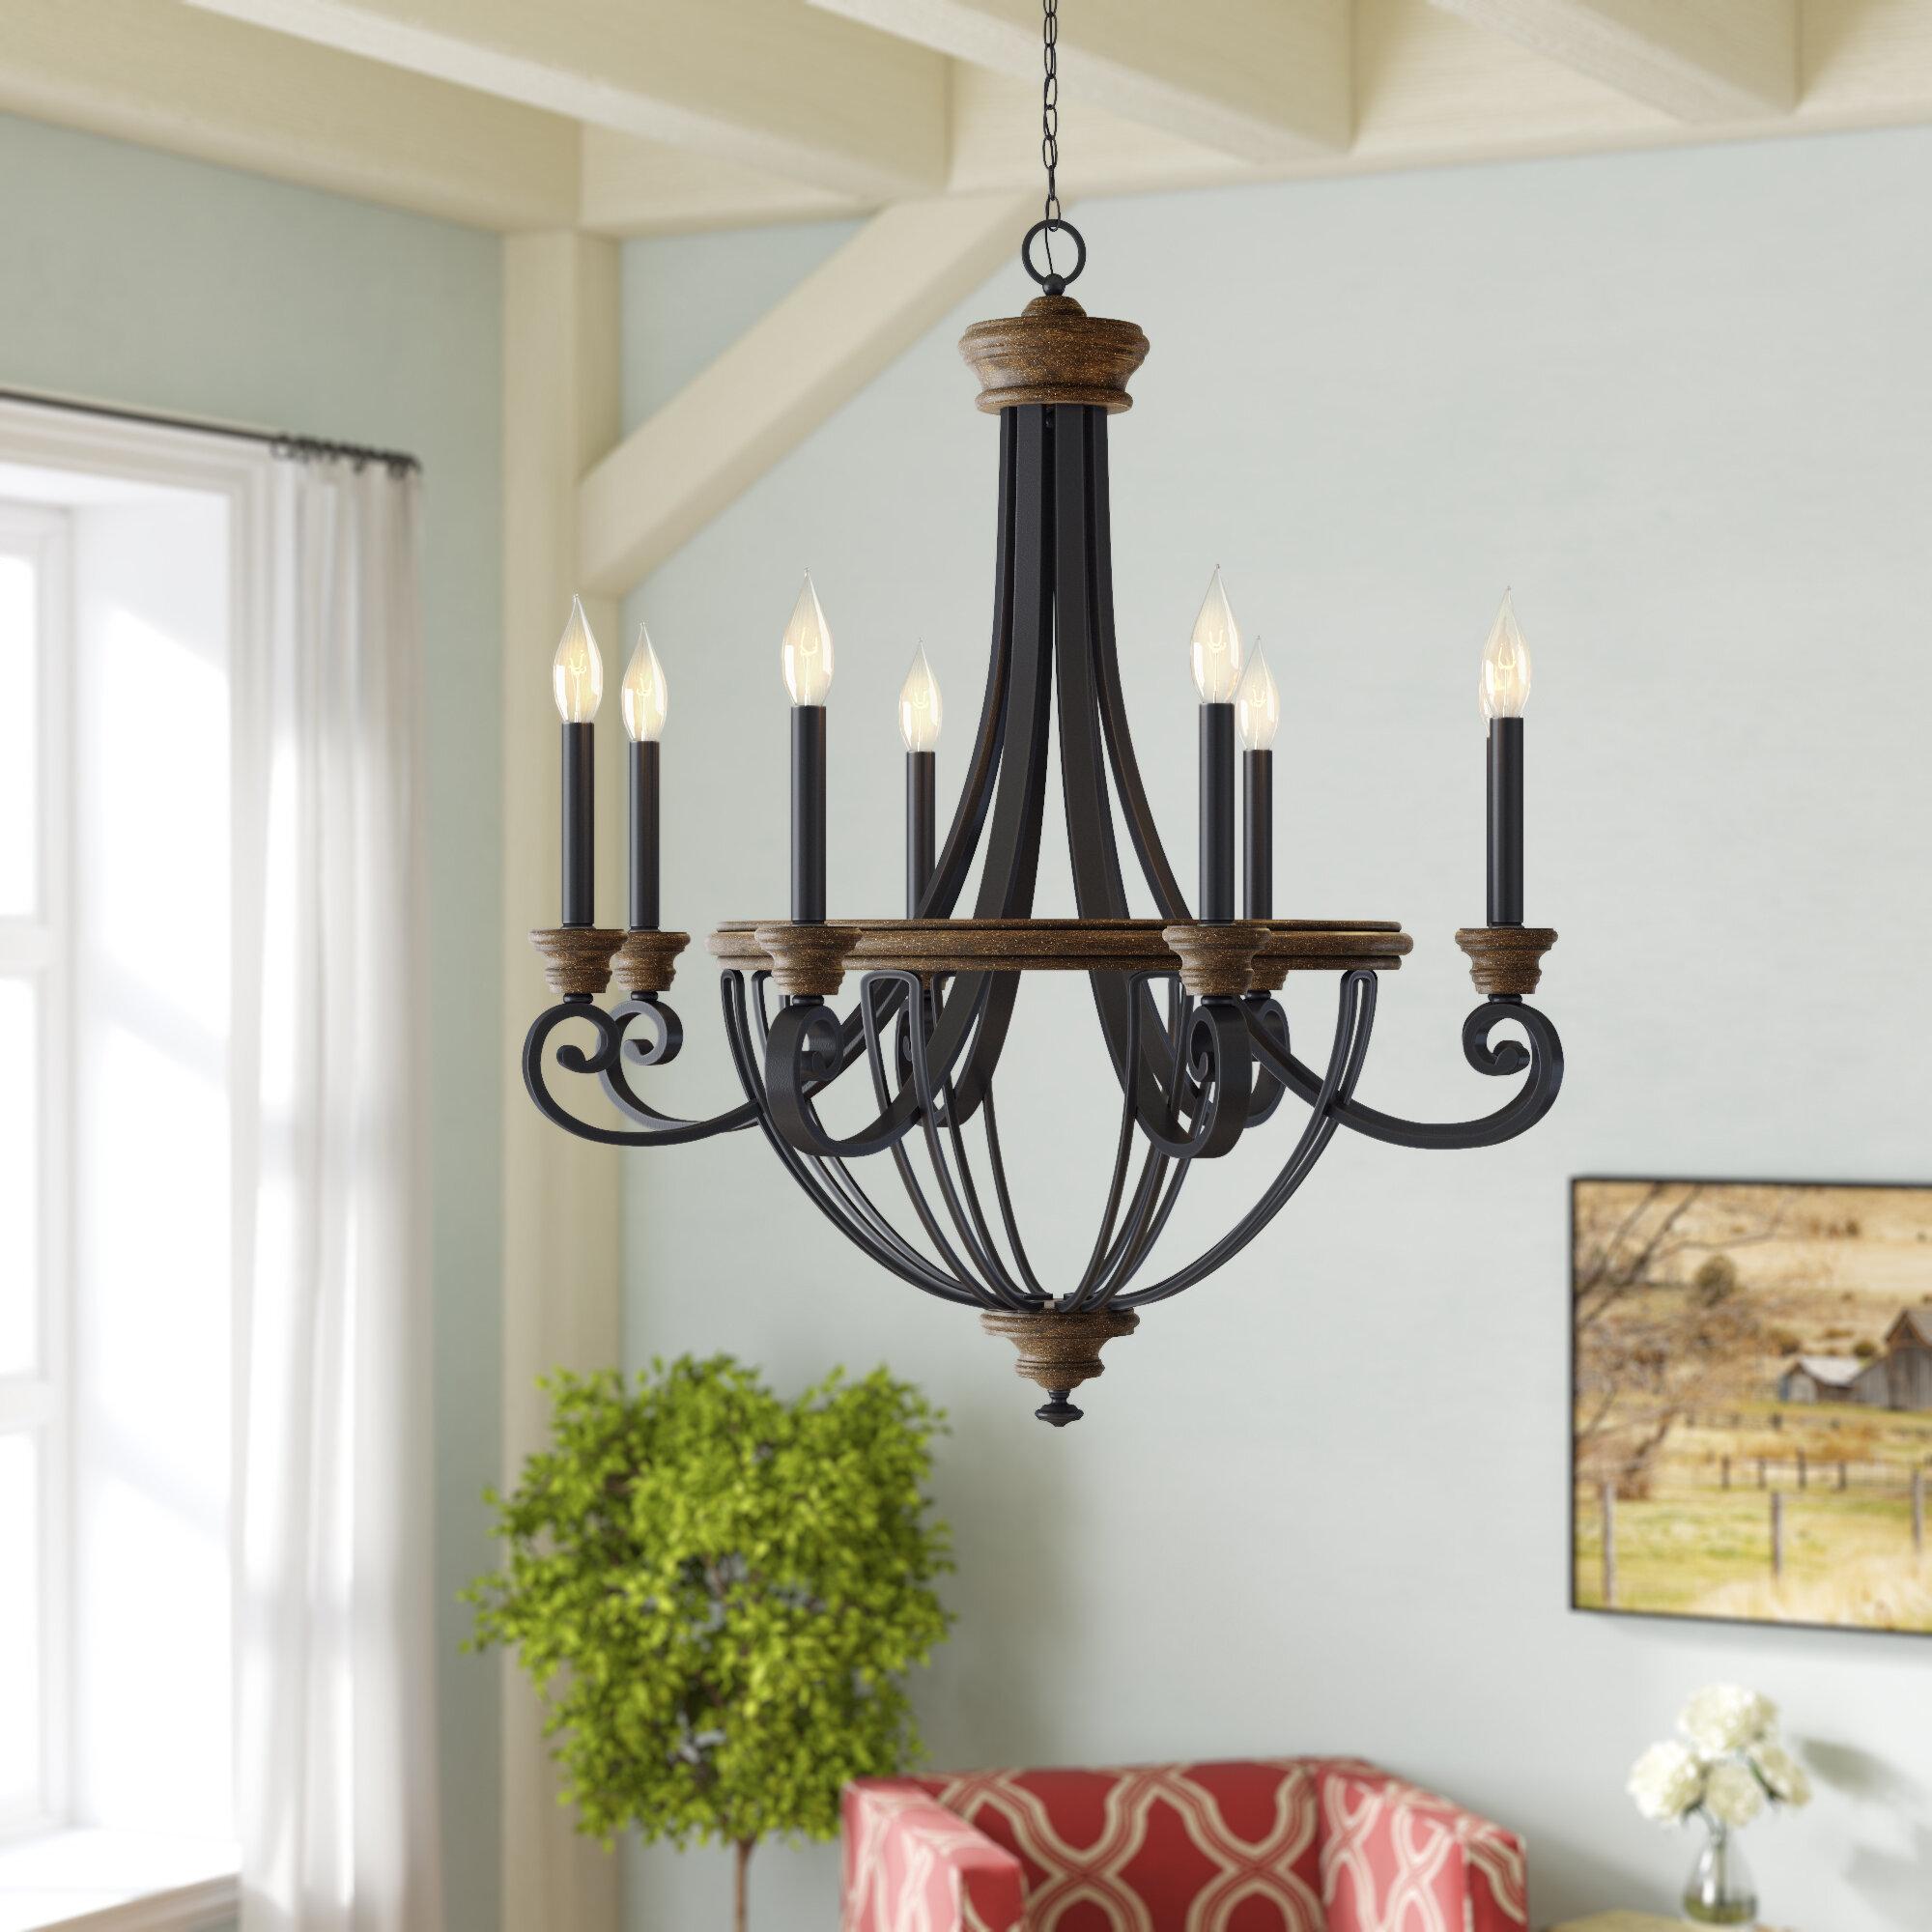 Laurel foundry modern farmhouse nanteuil 8 light empire chandelier reviews wayfair